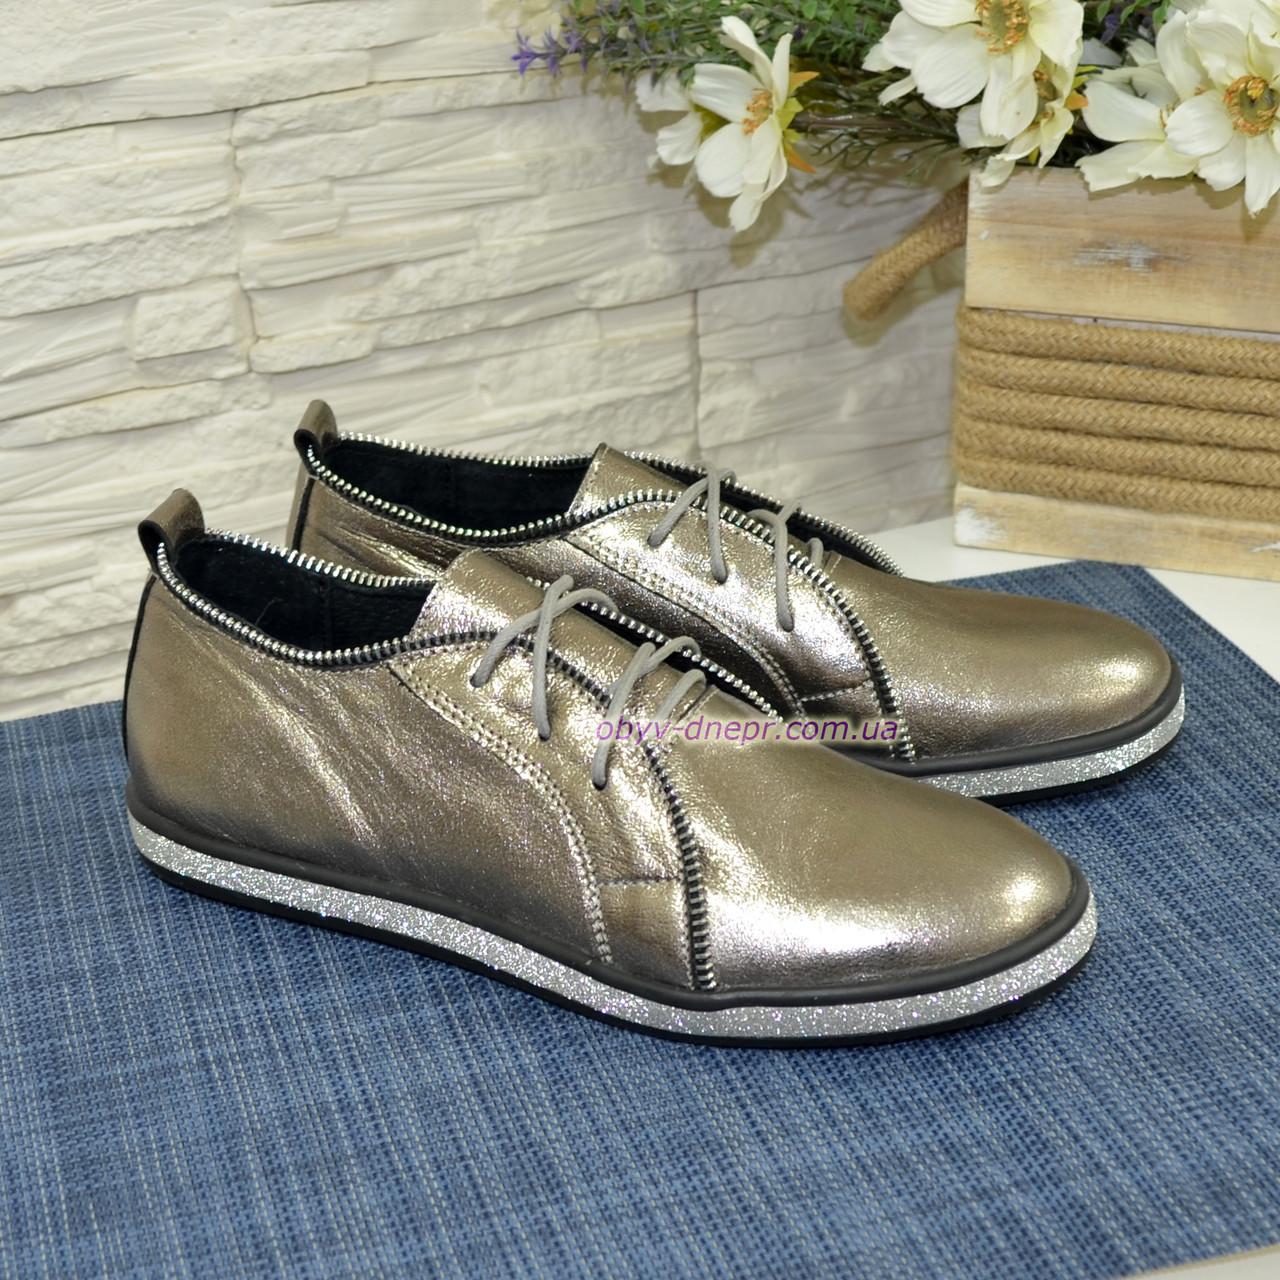 Туфли кожаные на низком ходу, на шнуровке